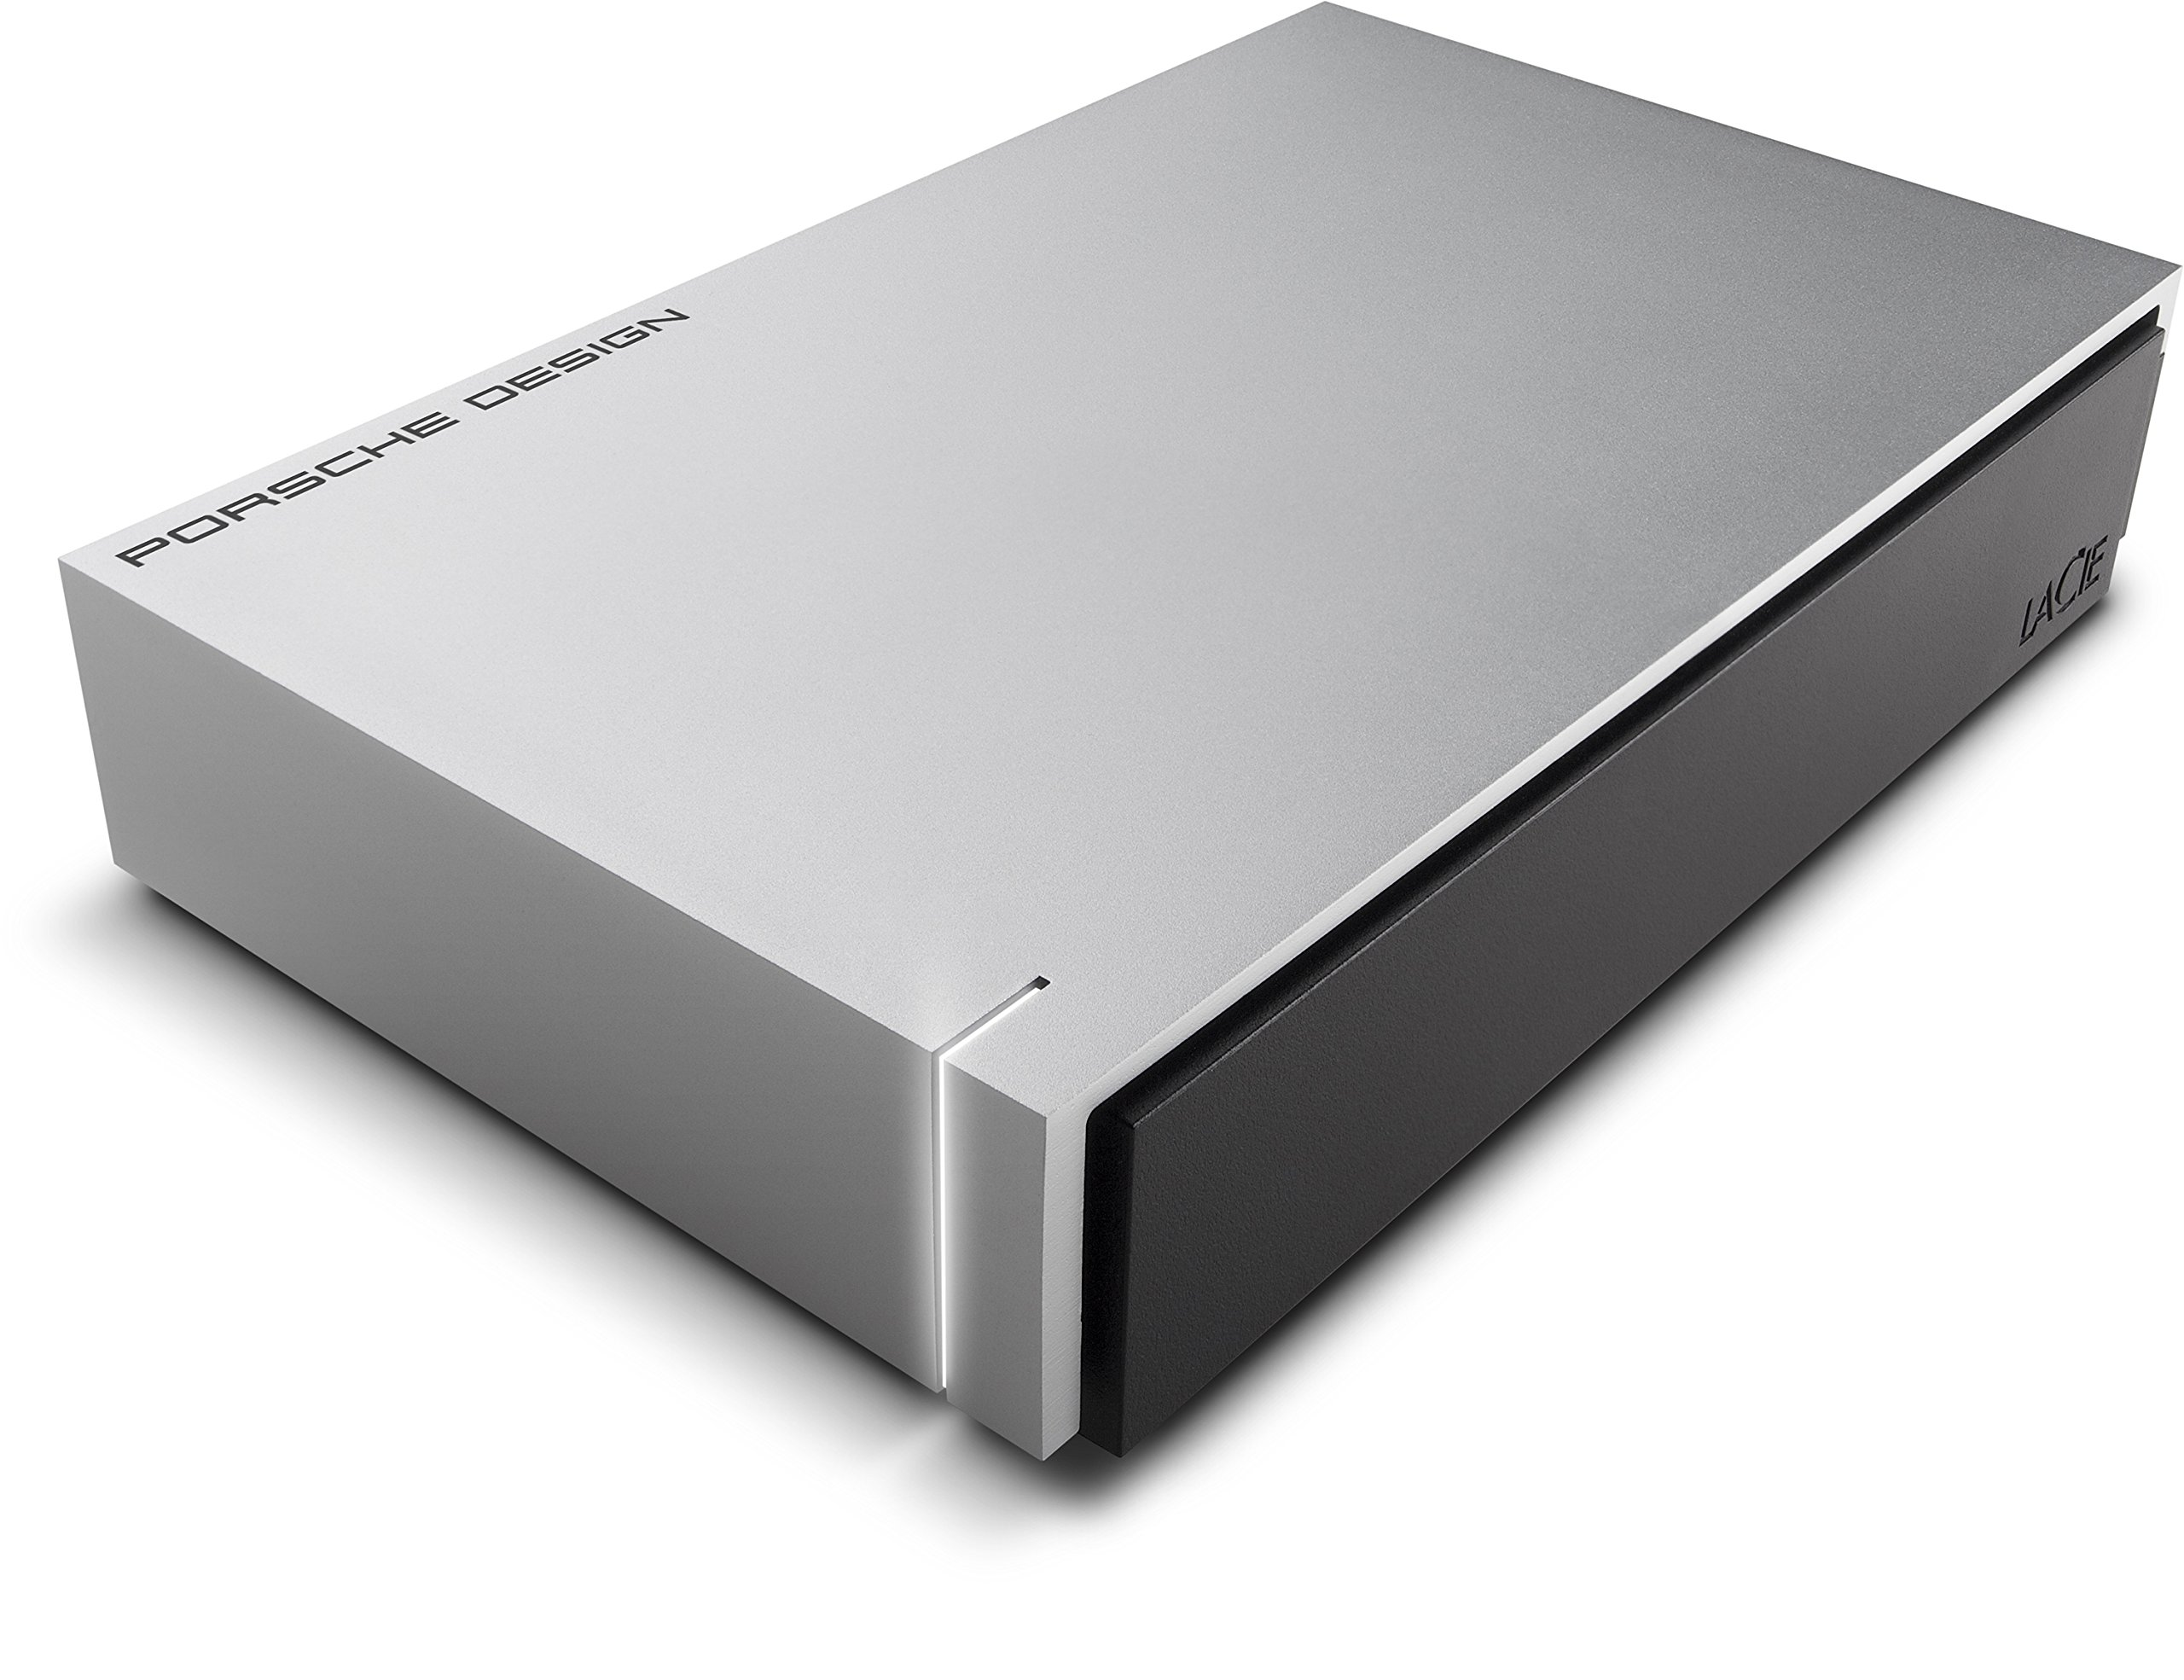 LaCie Porsche Design P'9233 USB 3.0 4TB Desktop Drive (9000385)